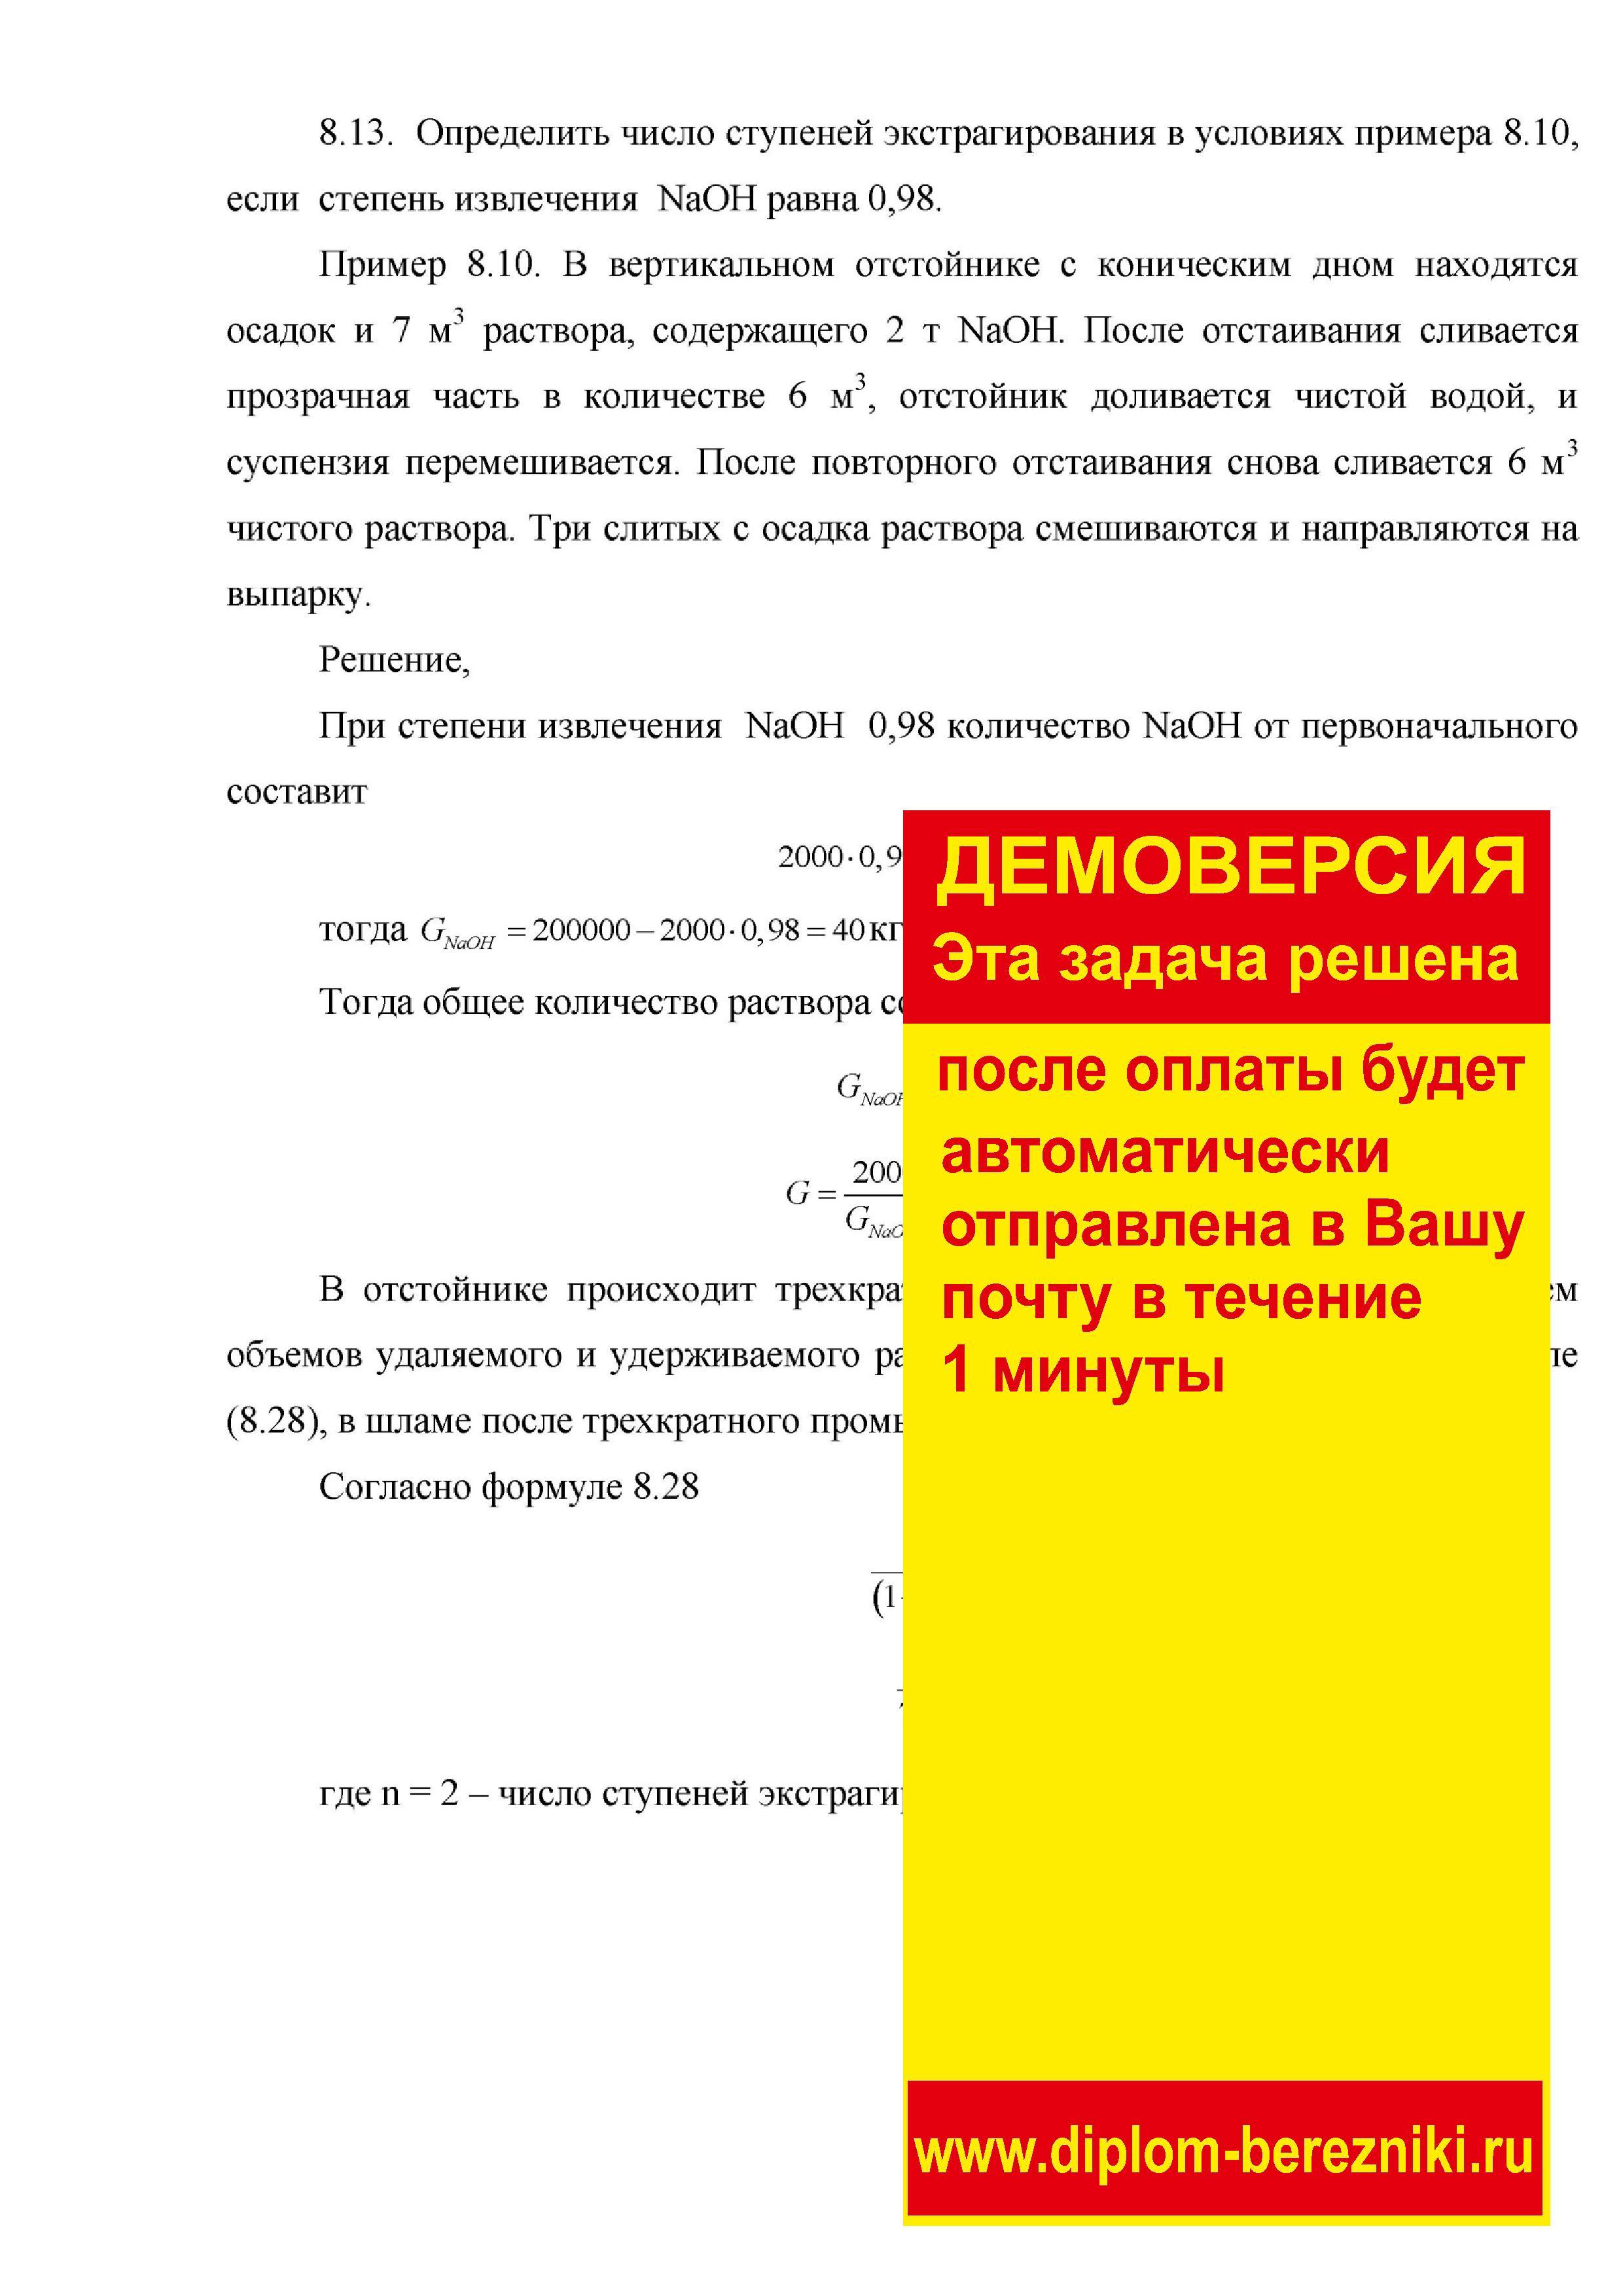 Решение задачи 8.13 по ПАХТ из задачника Павлова Романкова Носкова